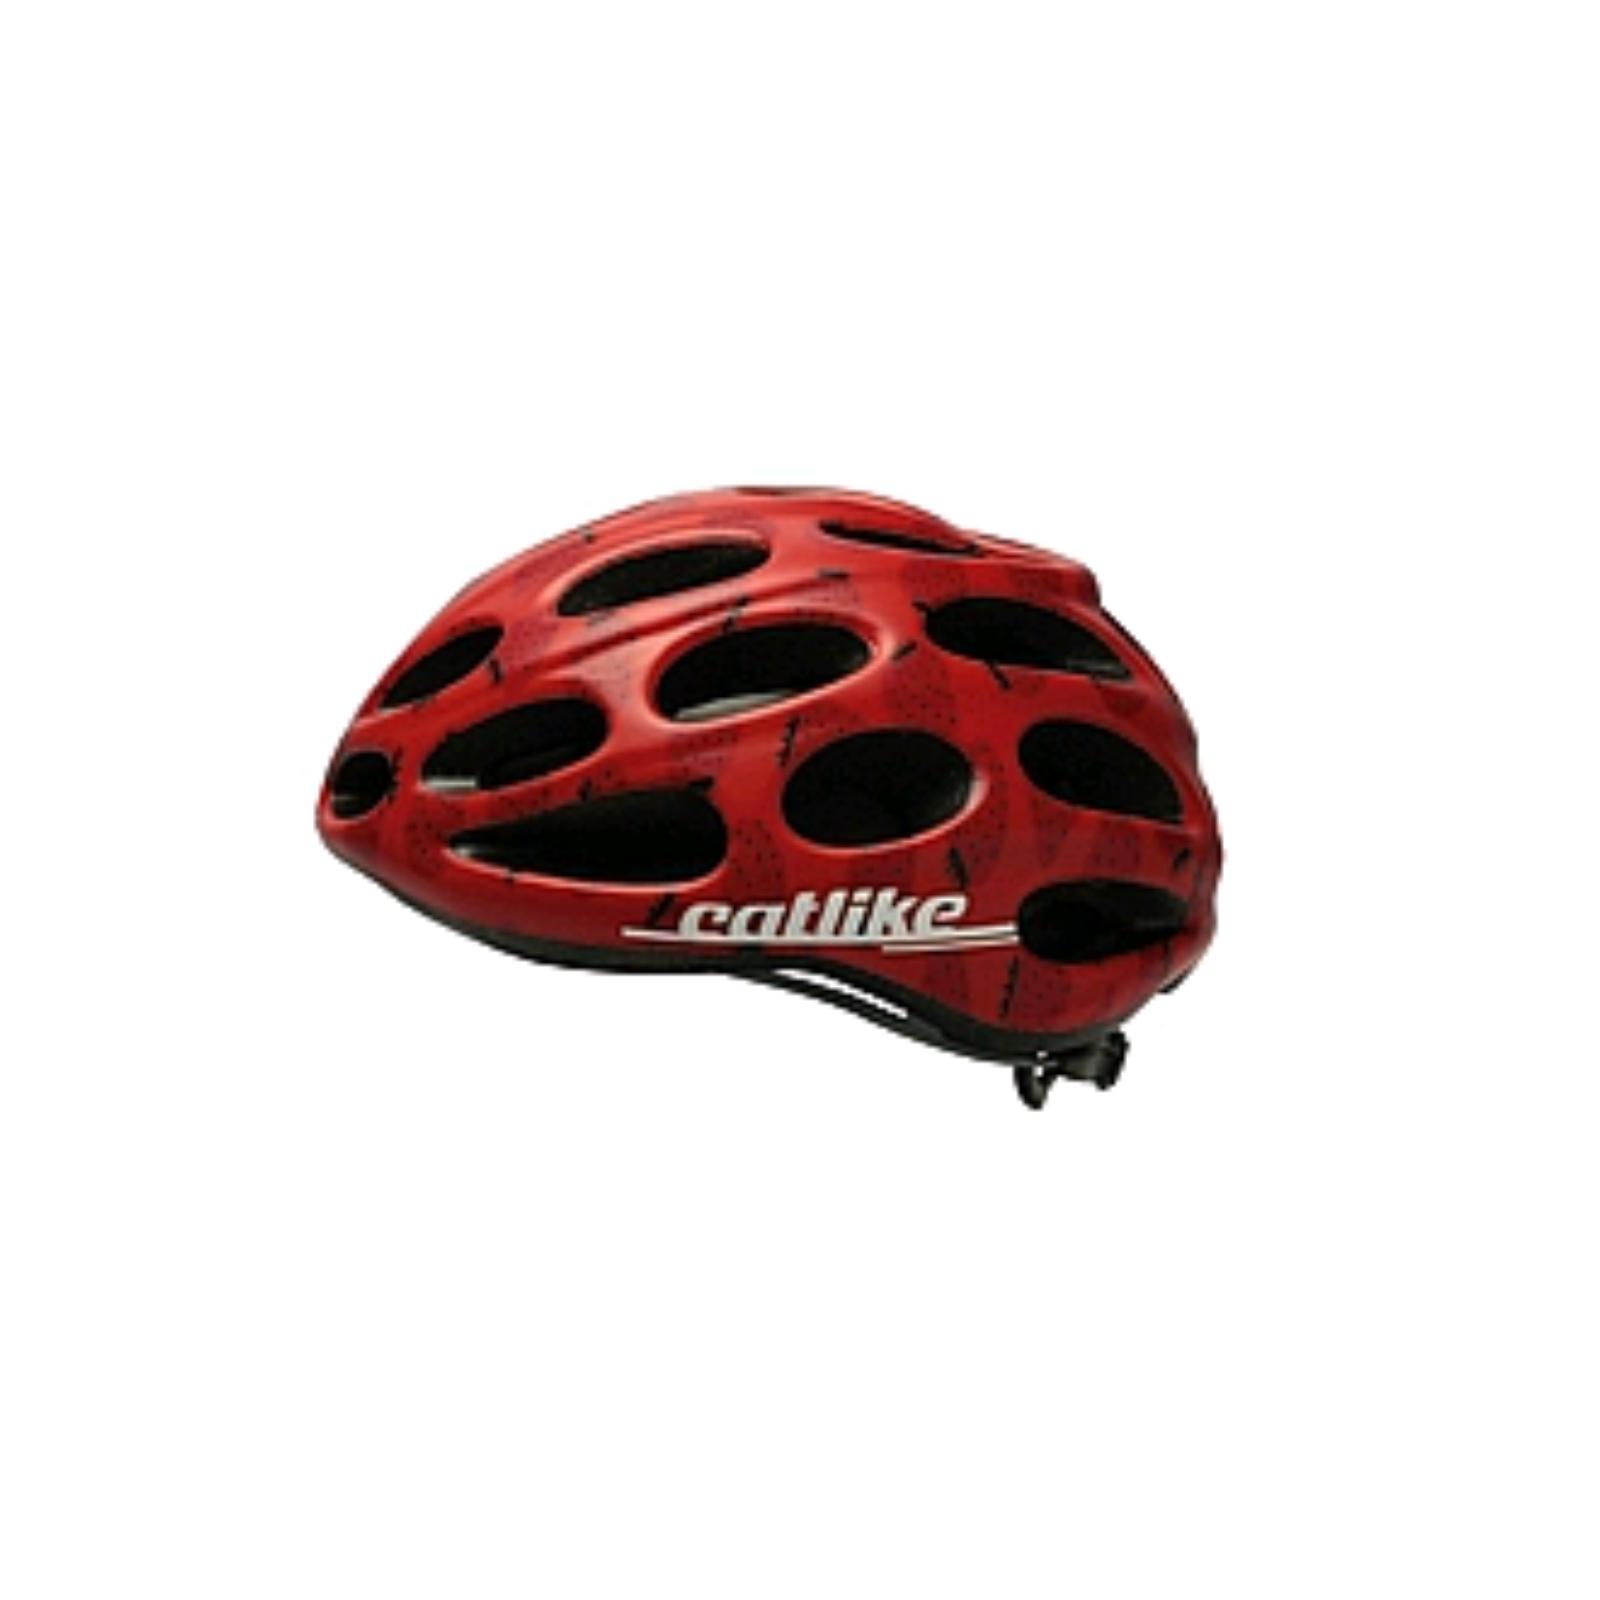 Cyklo přilba CATLIKE Chupito červená - vel. LG